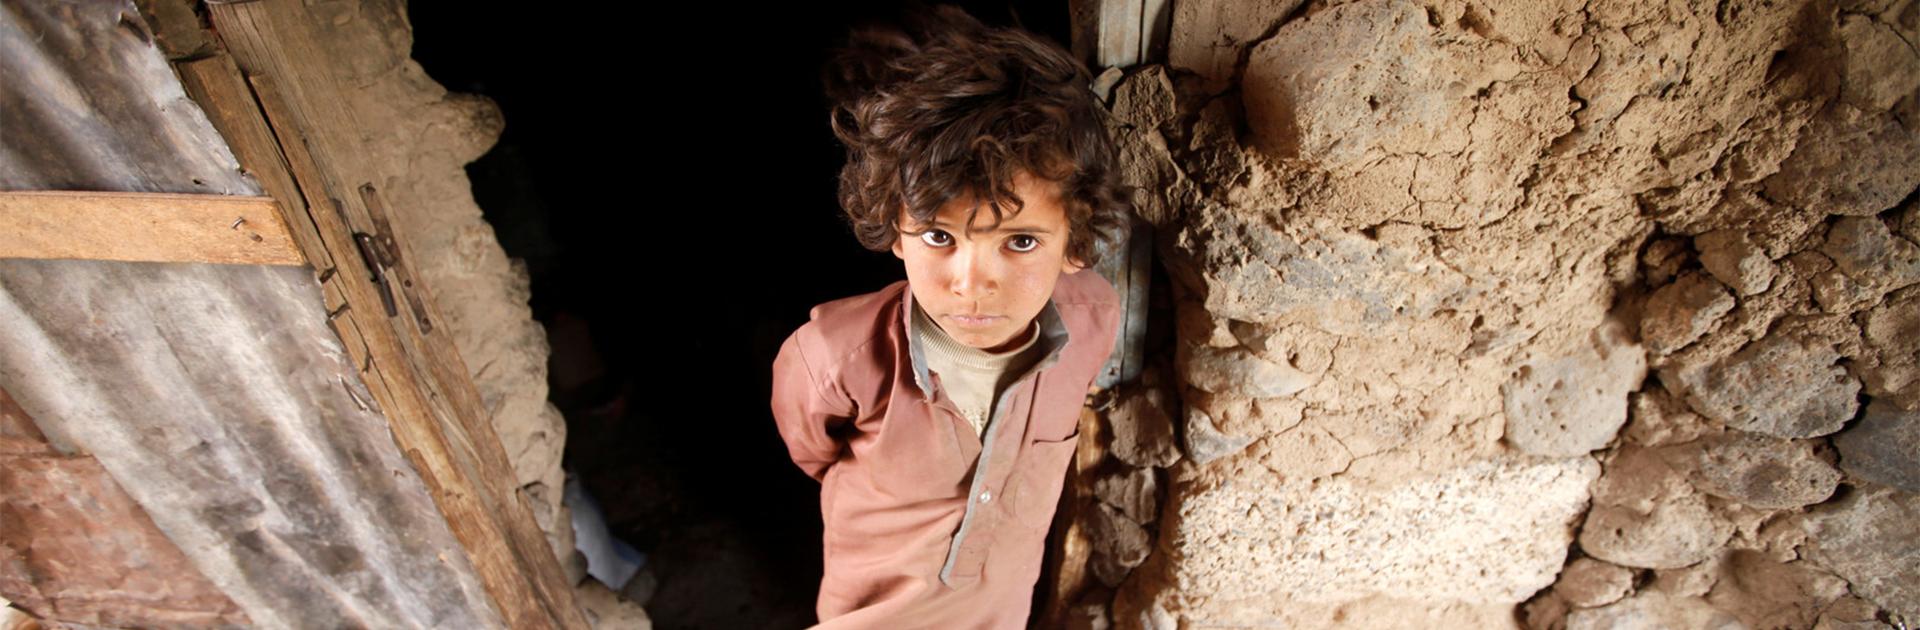 Yémen: Les États de la coalition devraient lever le siège collectif et cesser de cibler les civils en mer